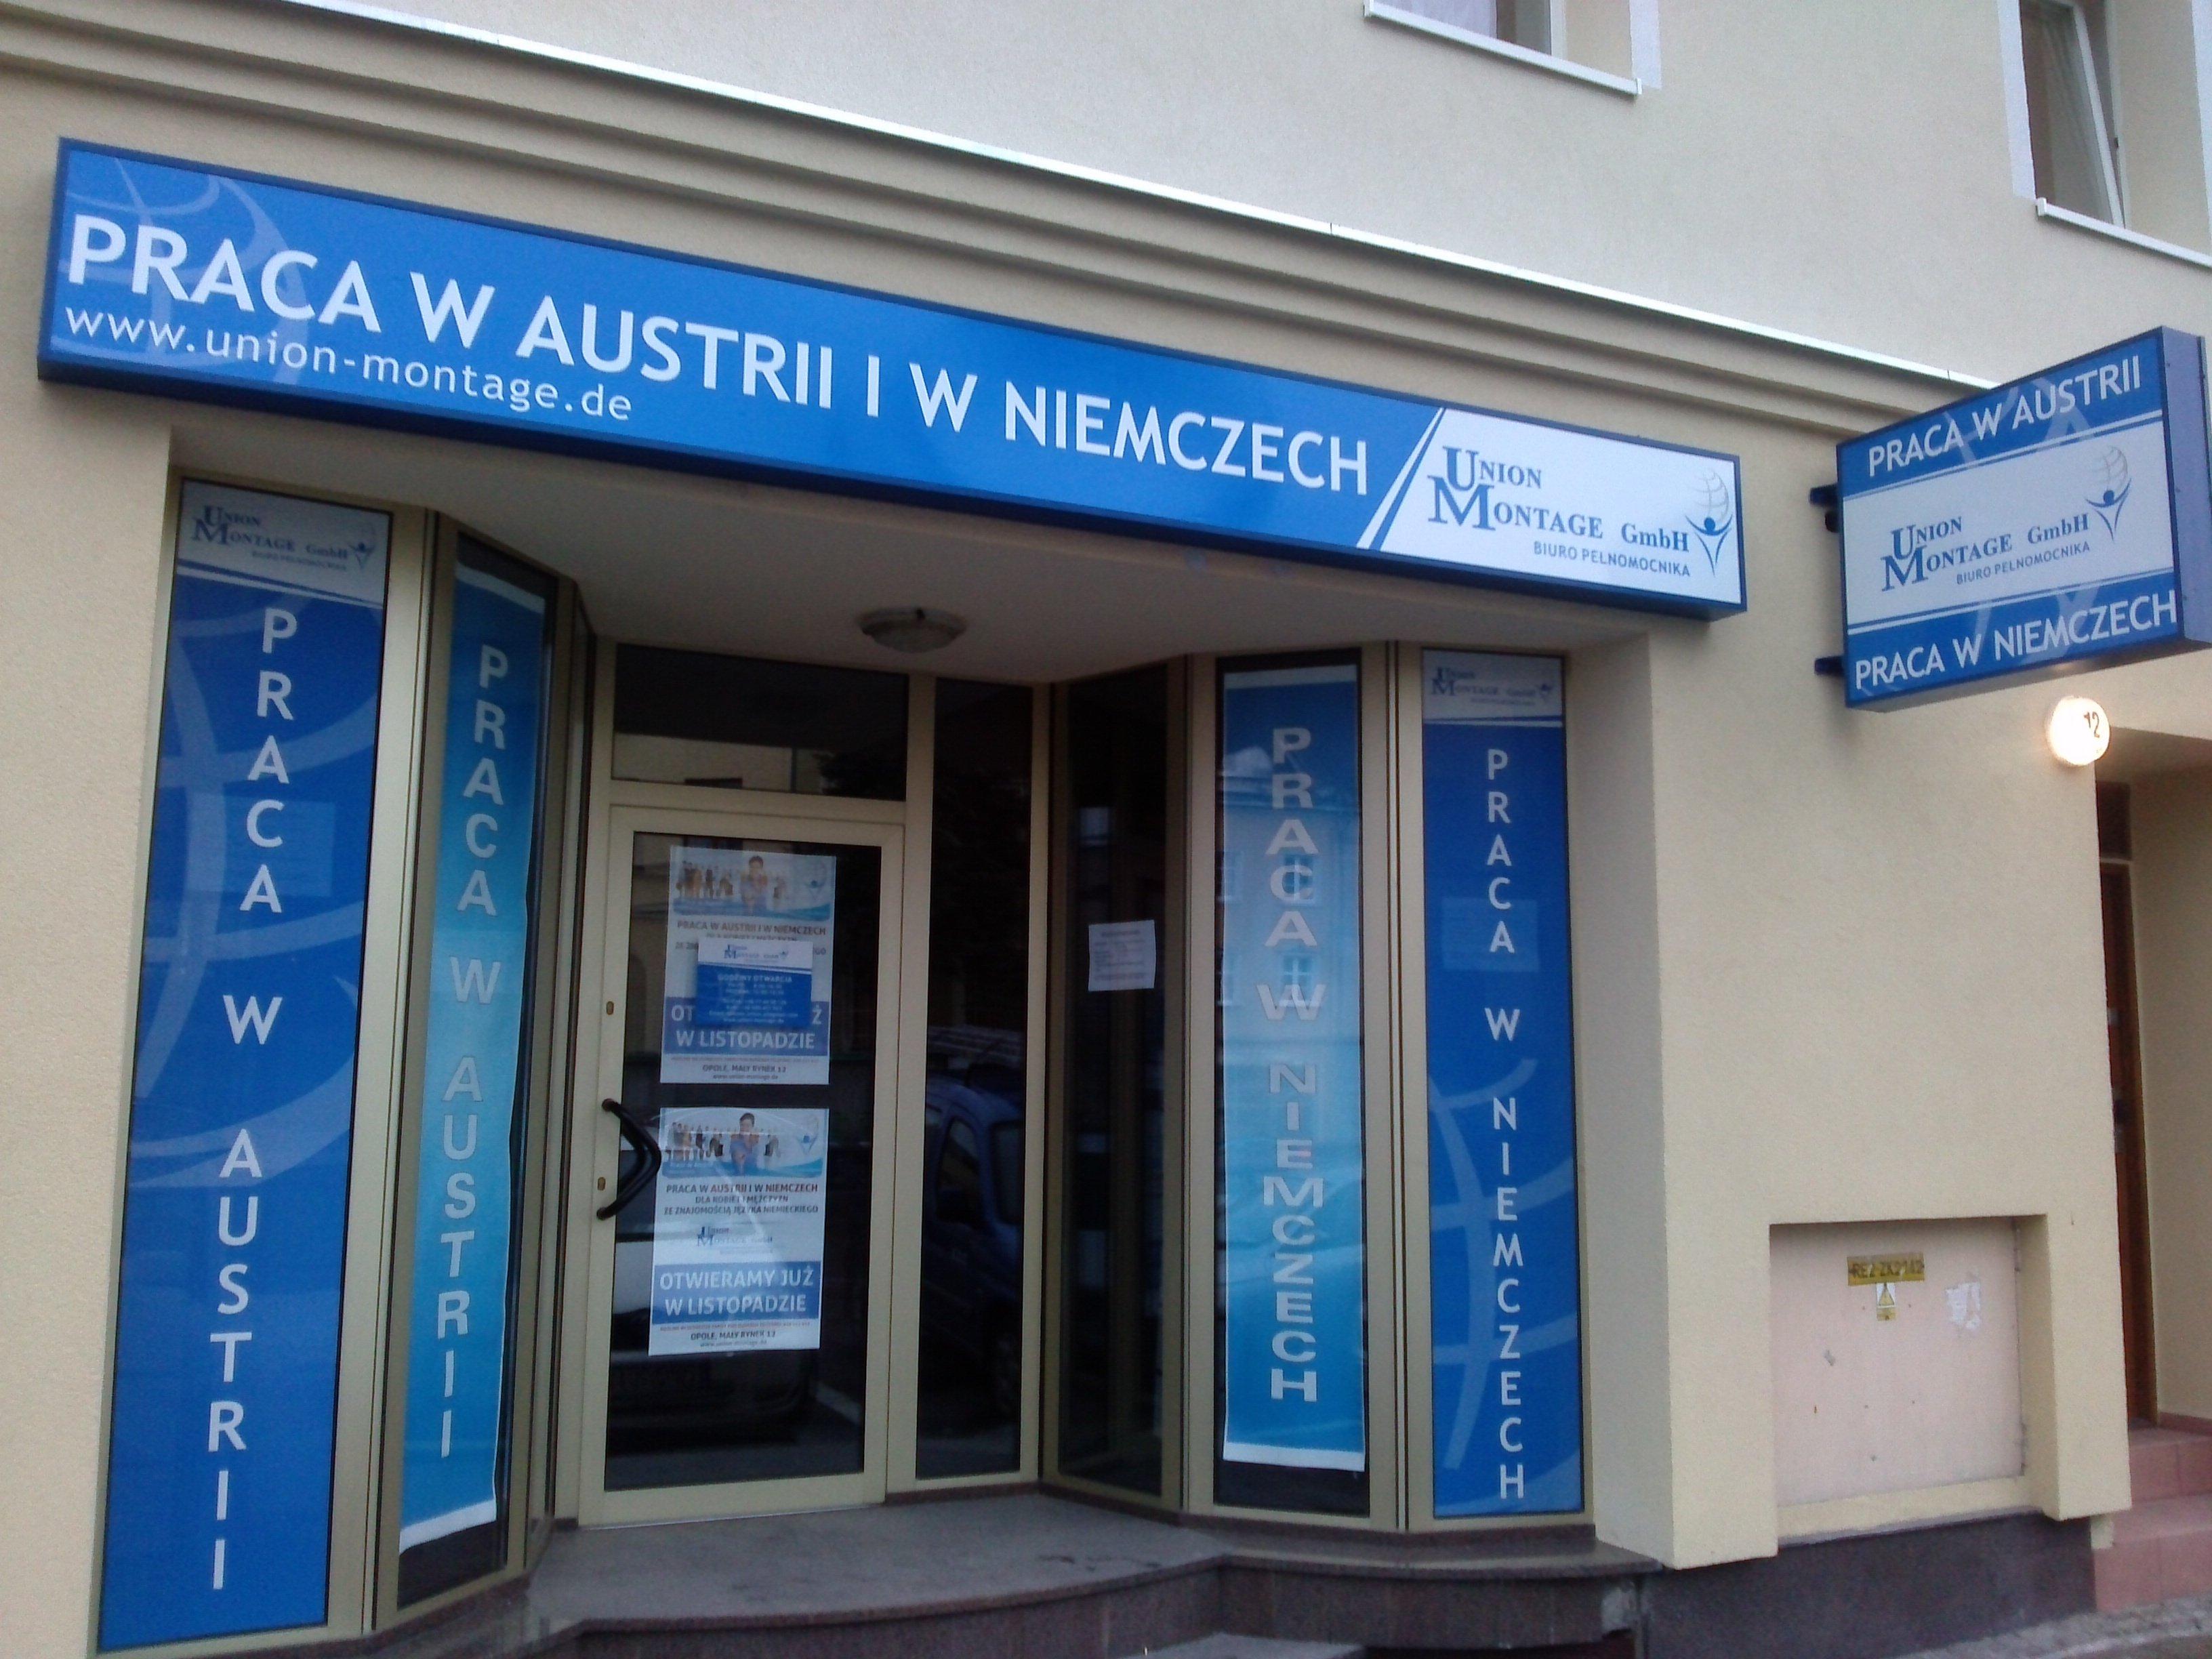 Praca w Austrii i w Niemczech